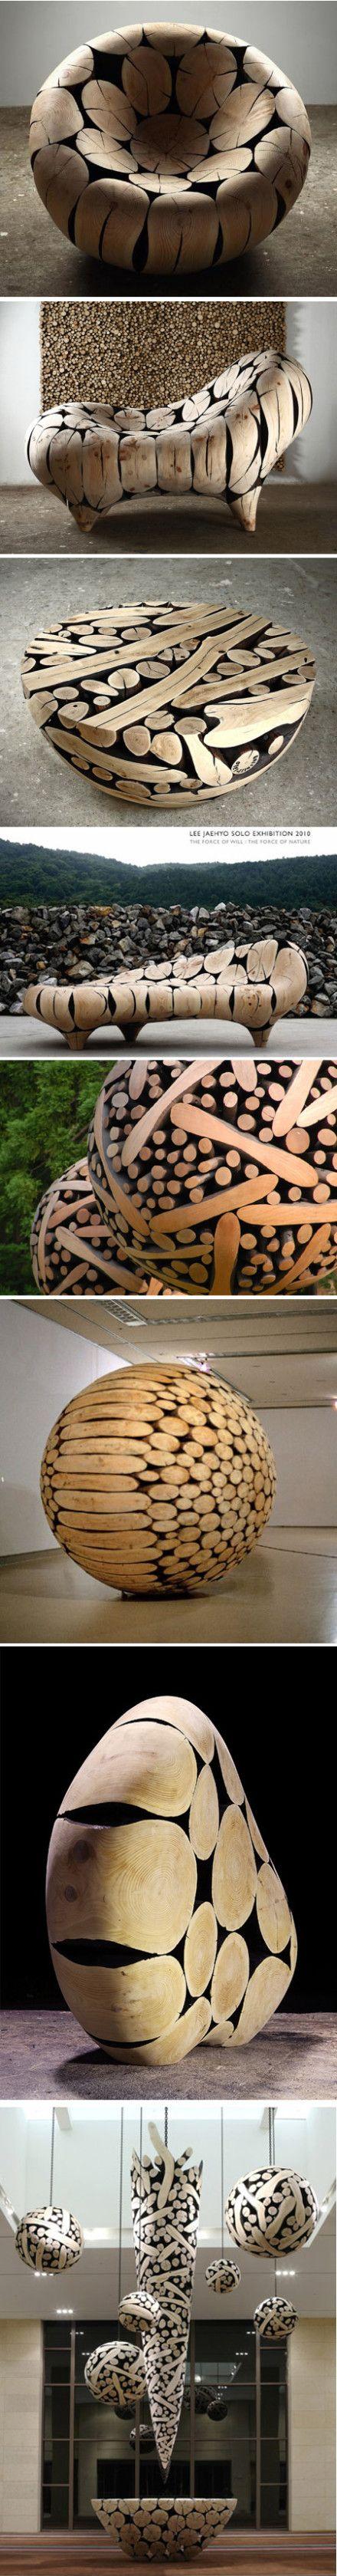 Log furniture.